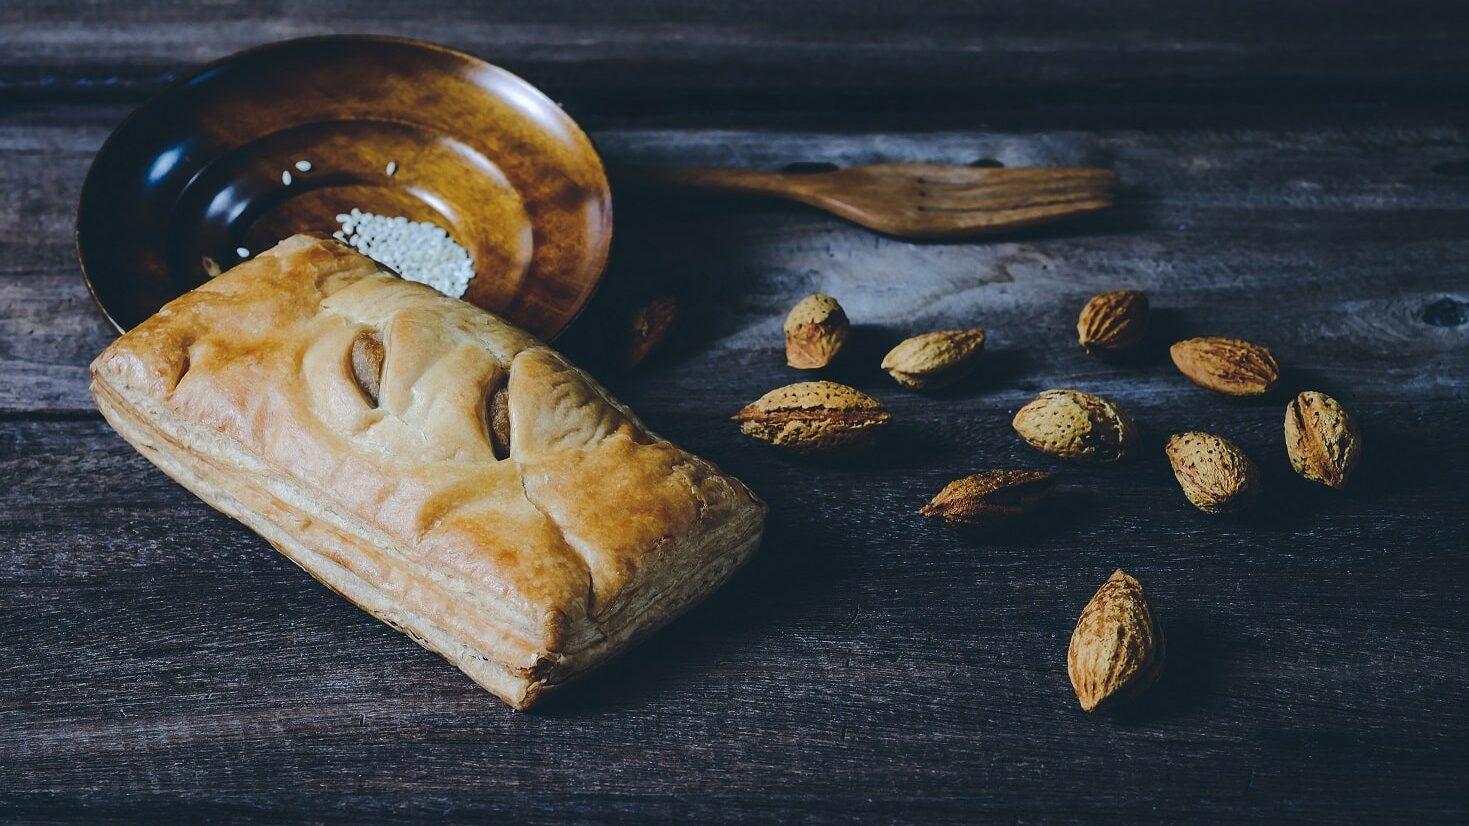 Eine Apfeltasche liegt auf einer Holzplatte. Daneben befinden sich ein paar Nüsse.